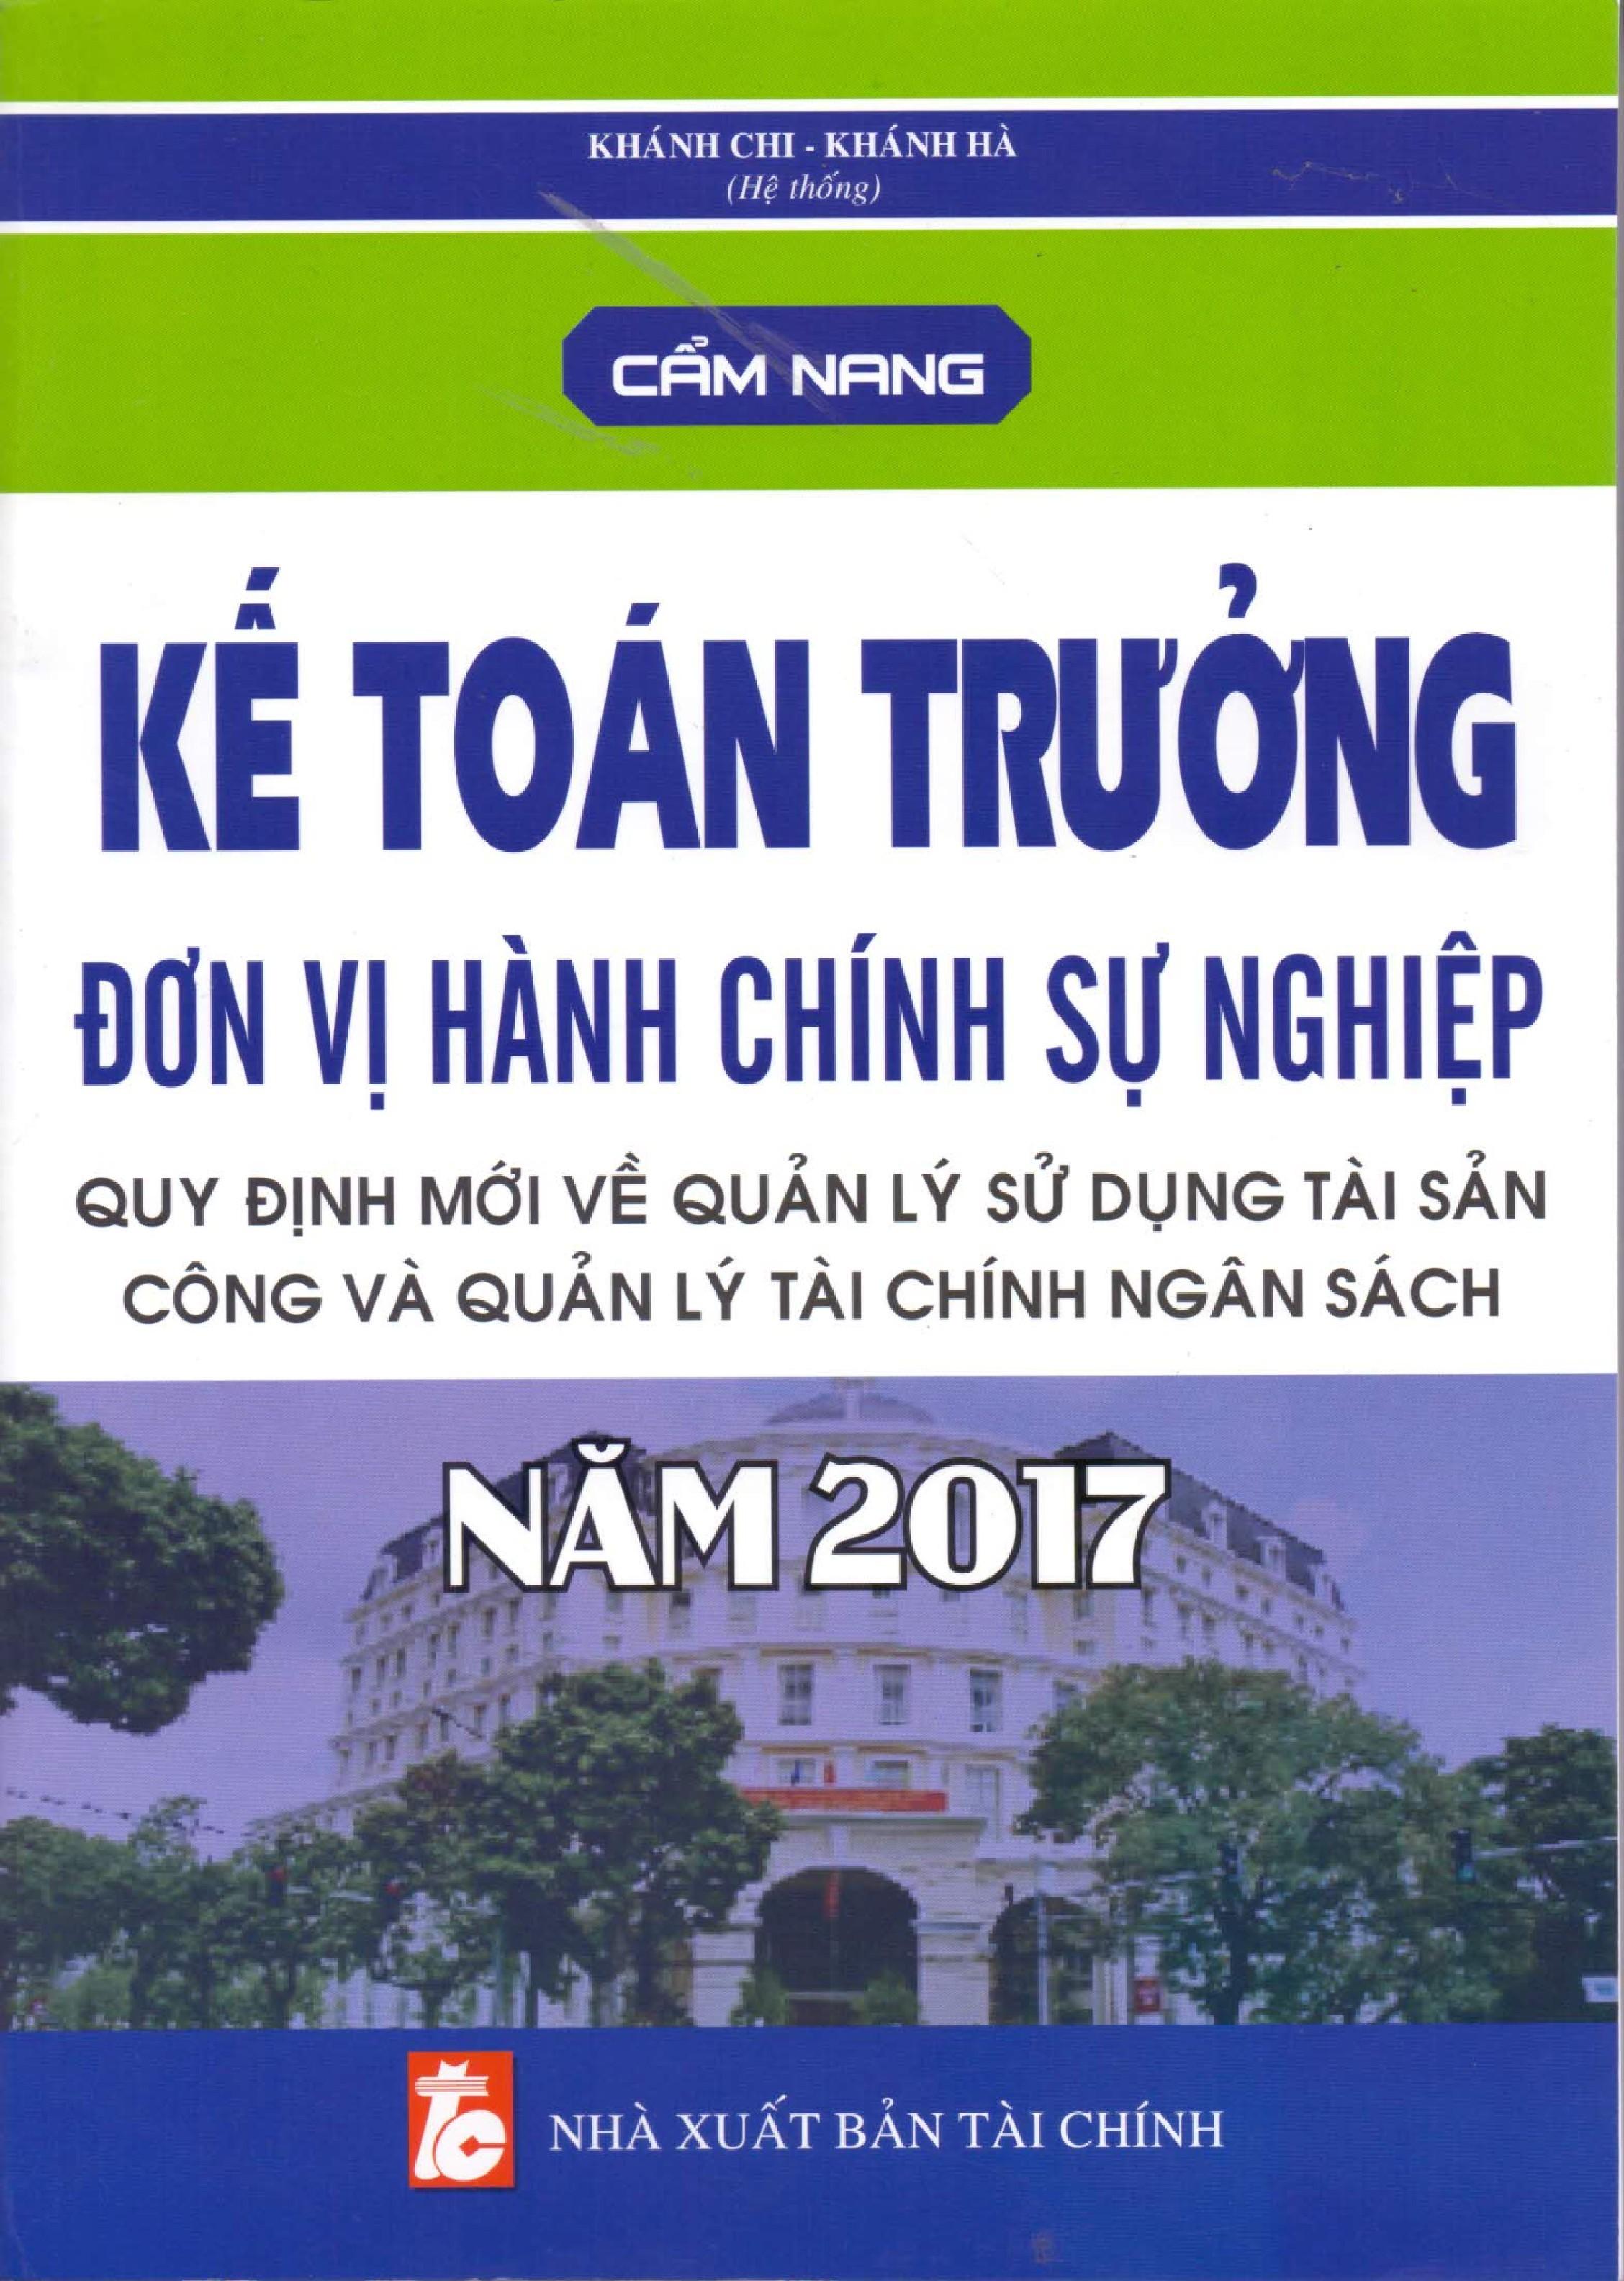 Cẩm Nang Kế Toán Trưởng Đơn Vị Hành Chính Sự Nghiệp Năm 2017